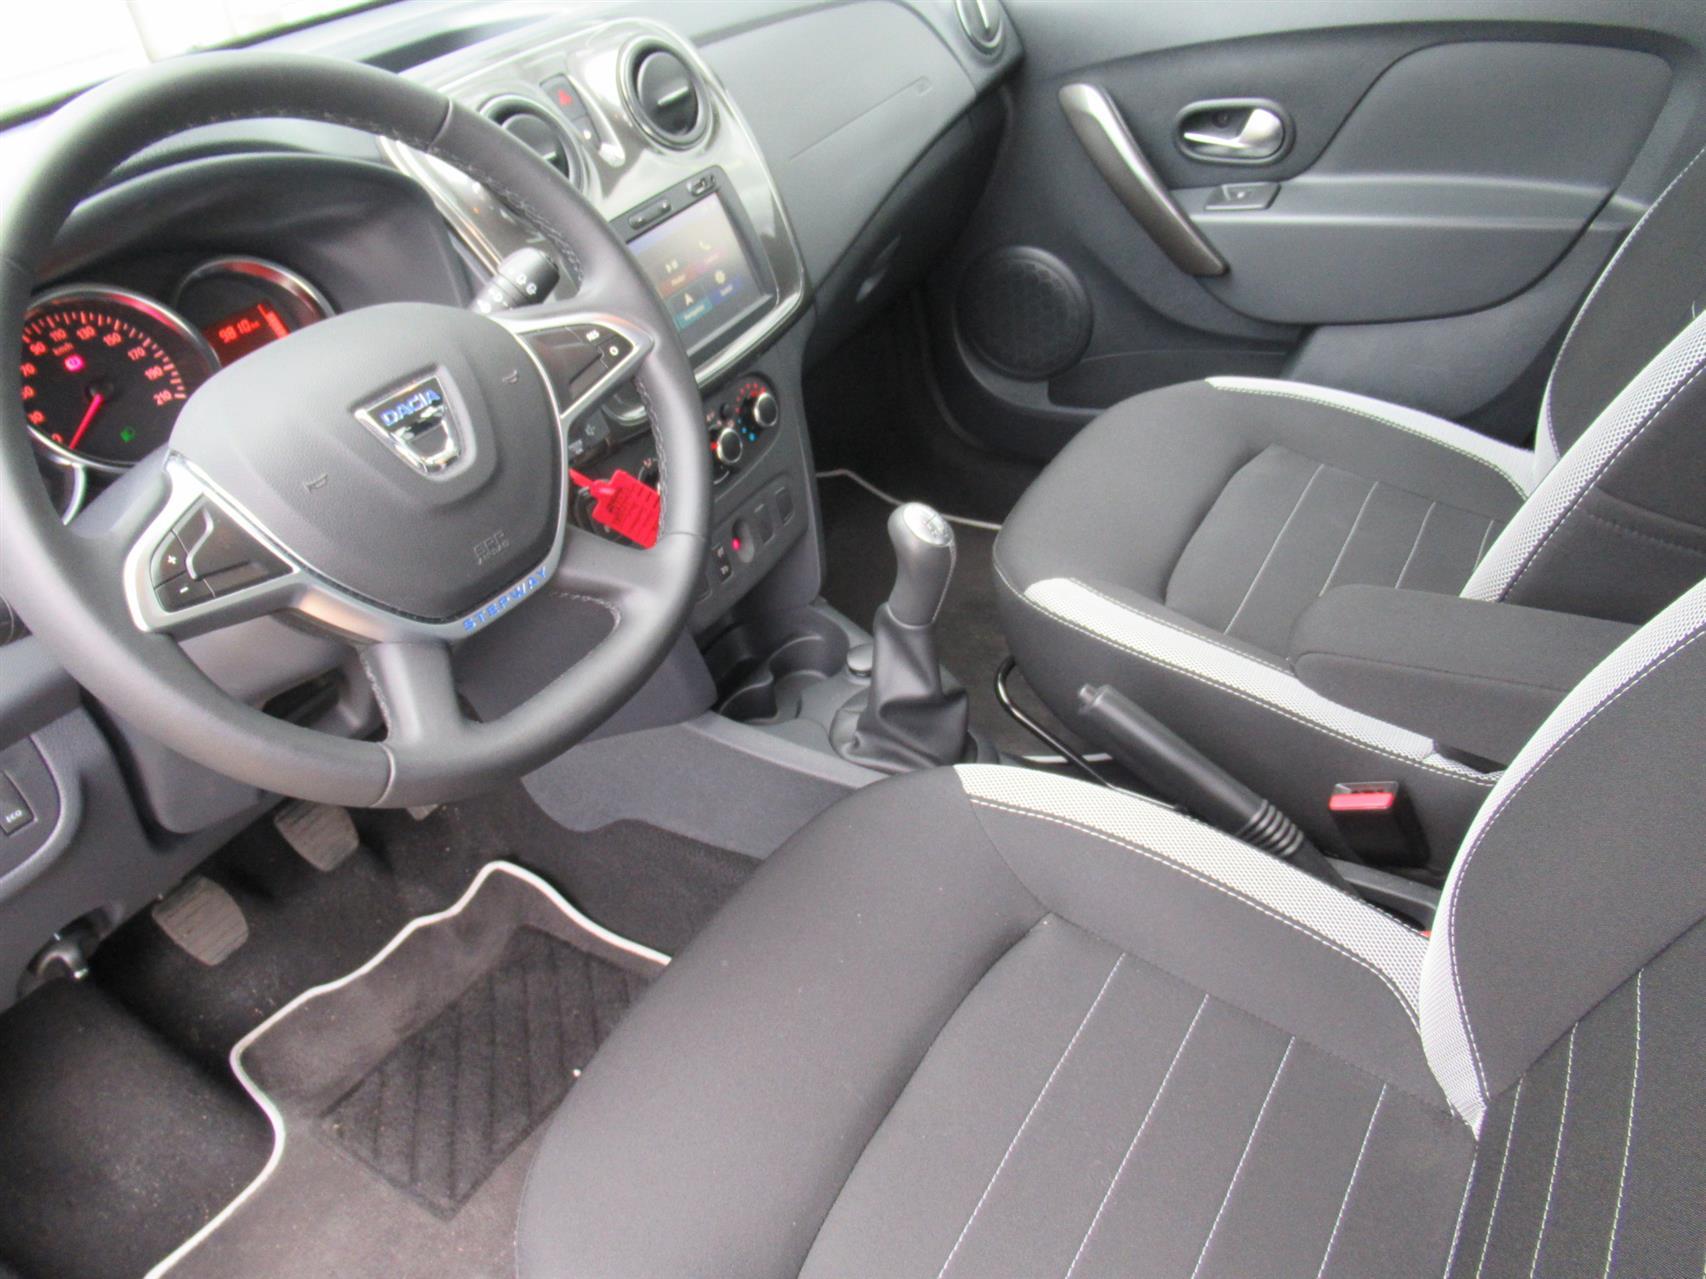 Billede af Dacia Sandero 0,9 Tce Stepway Prestige Start/Stop 90HK 5d